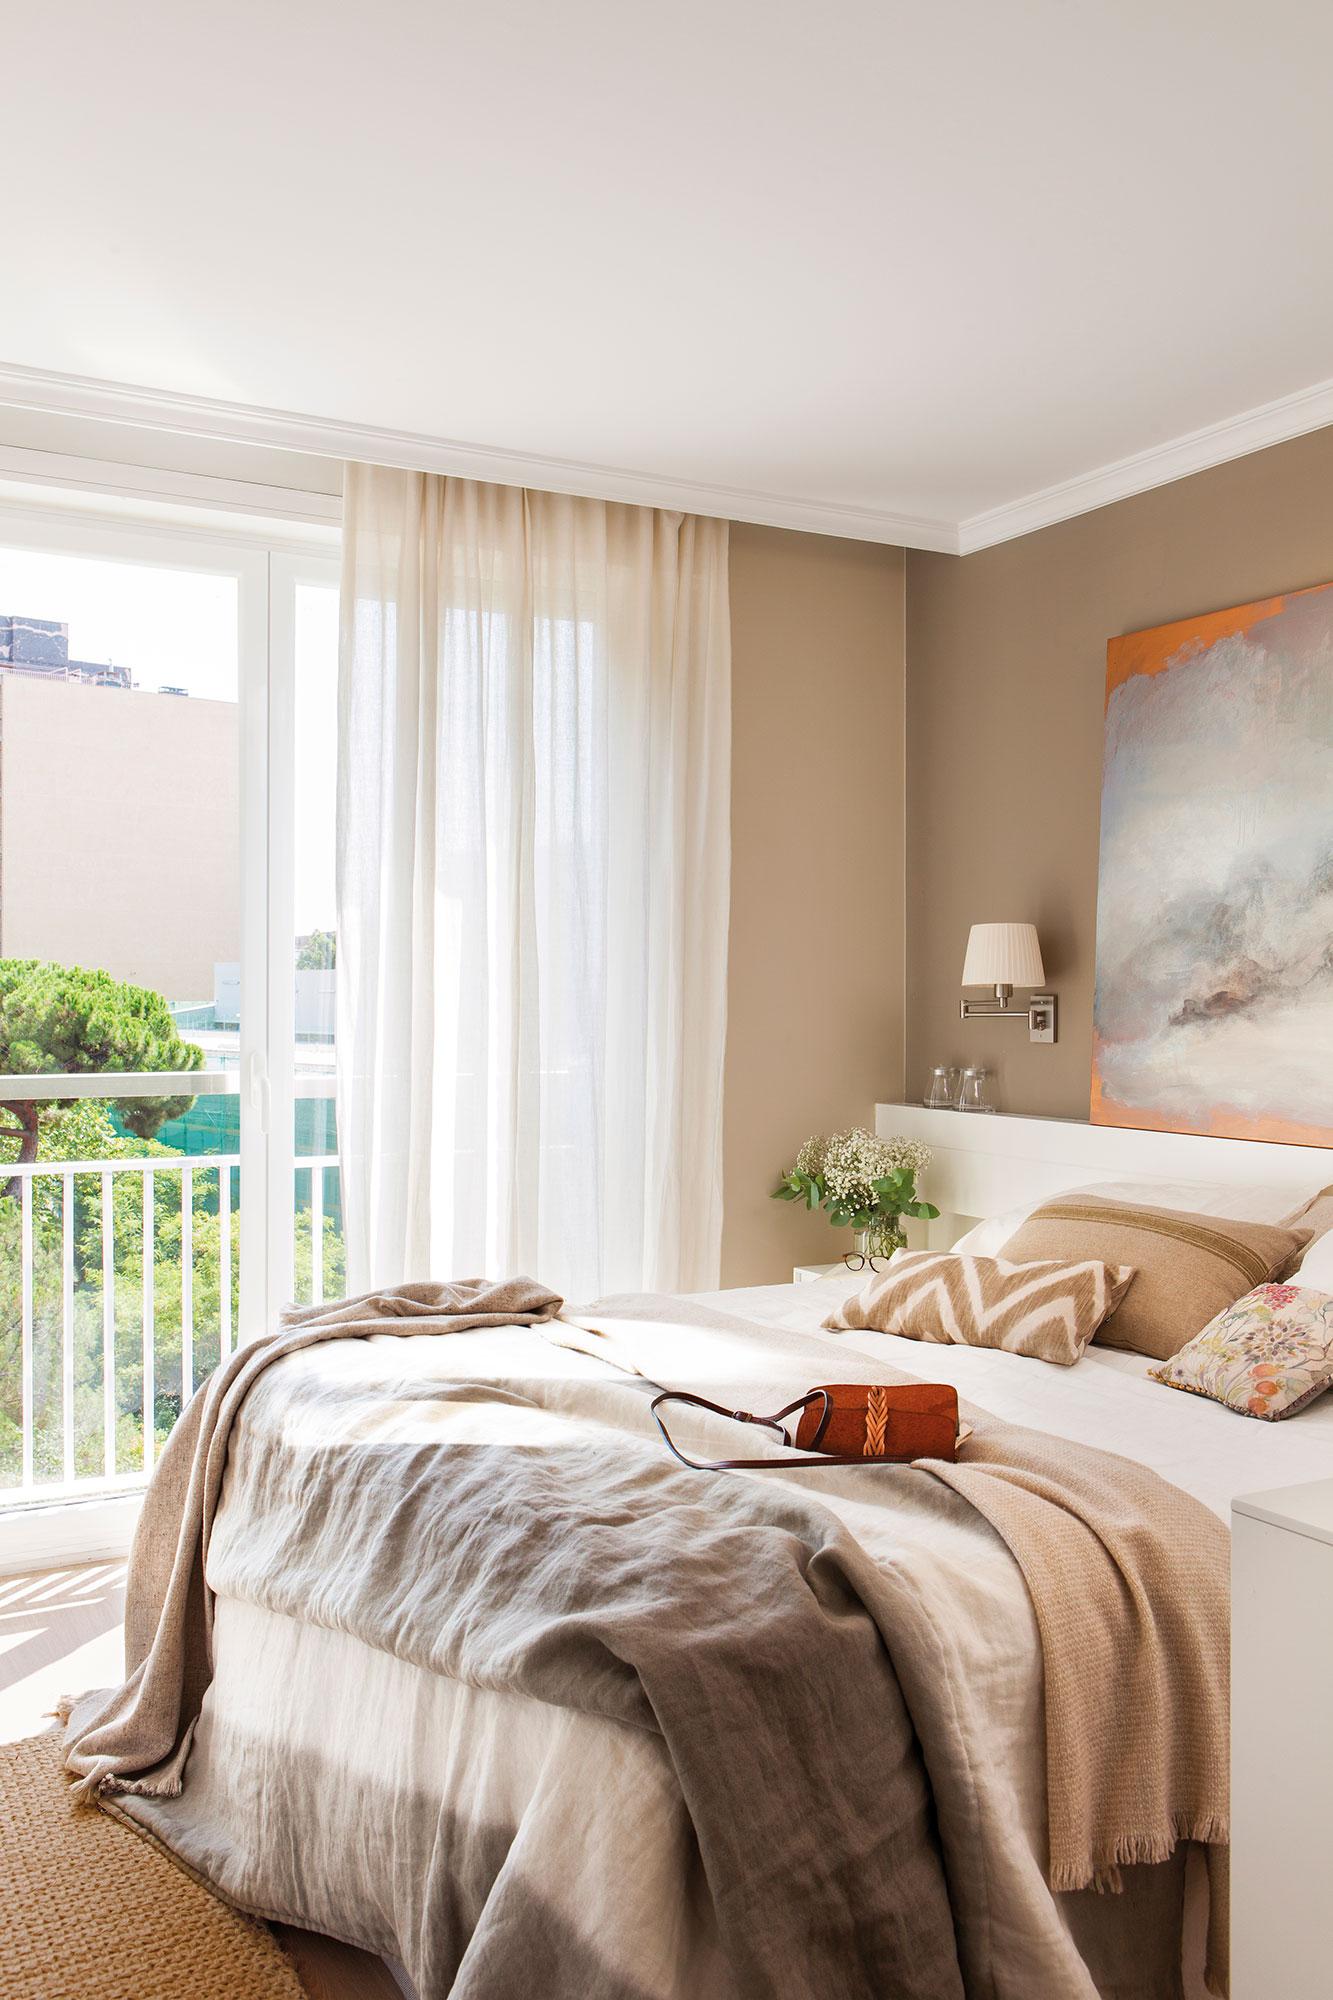 Cortina o estor pros y contras for Dormitorio cabecero blanco